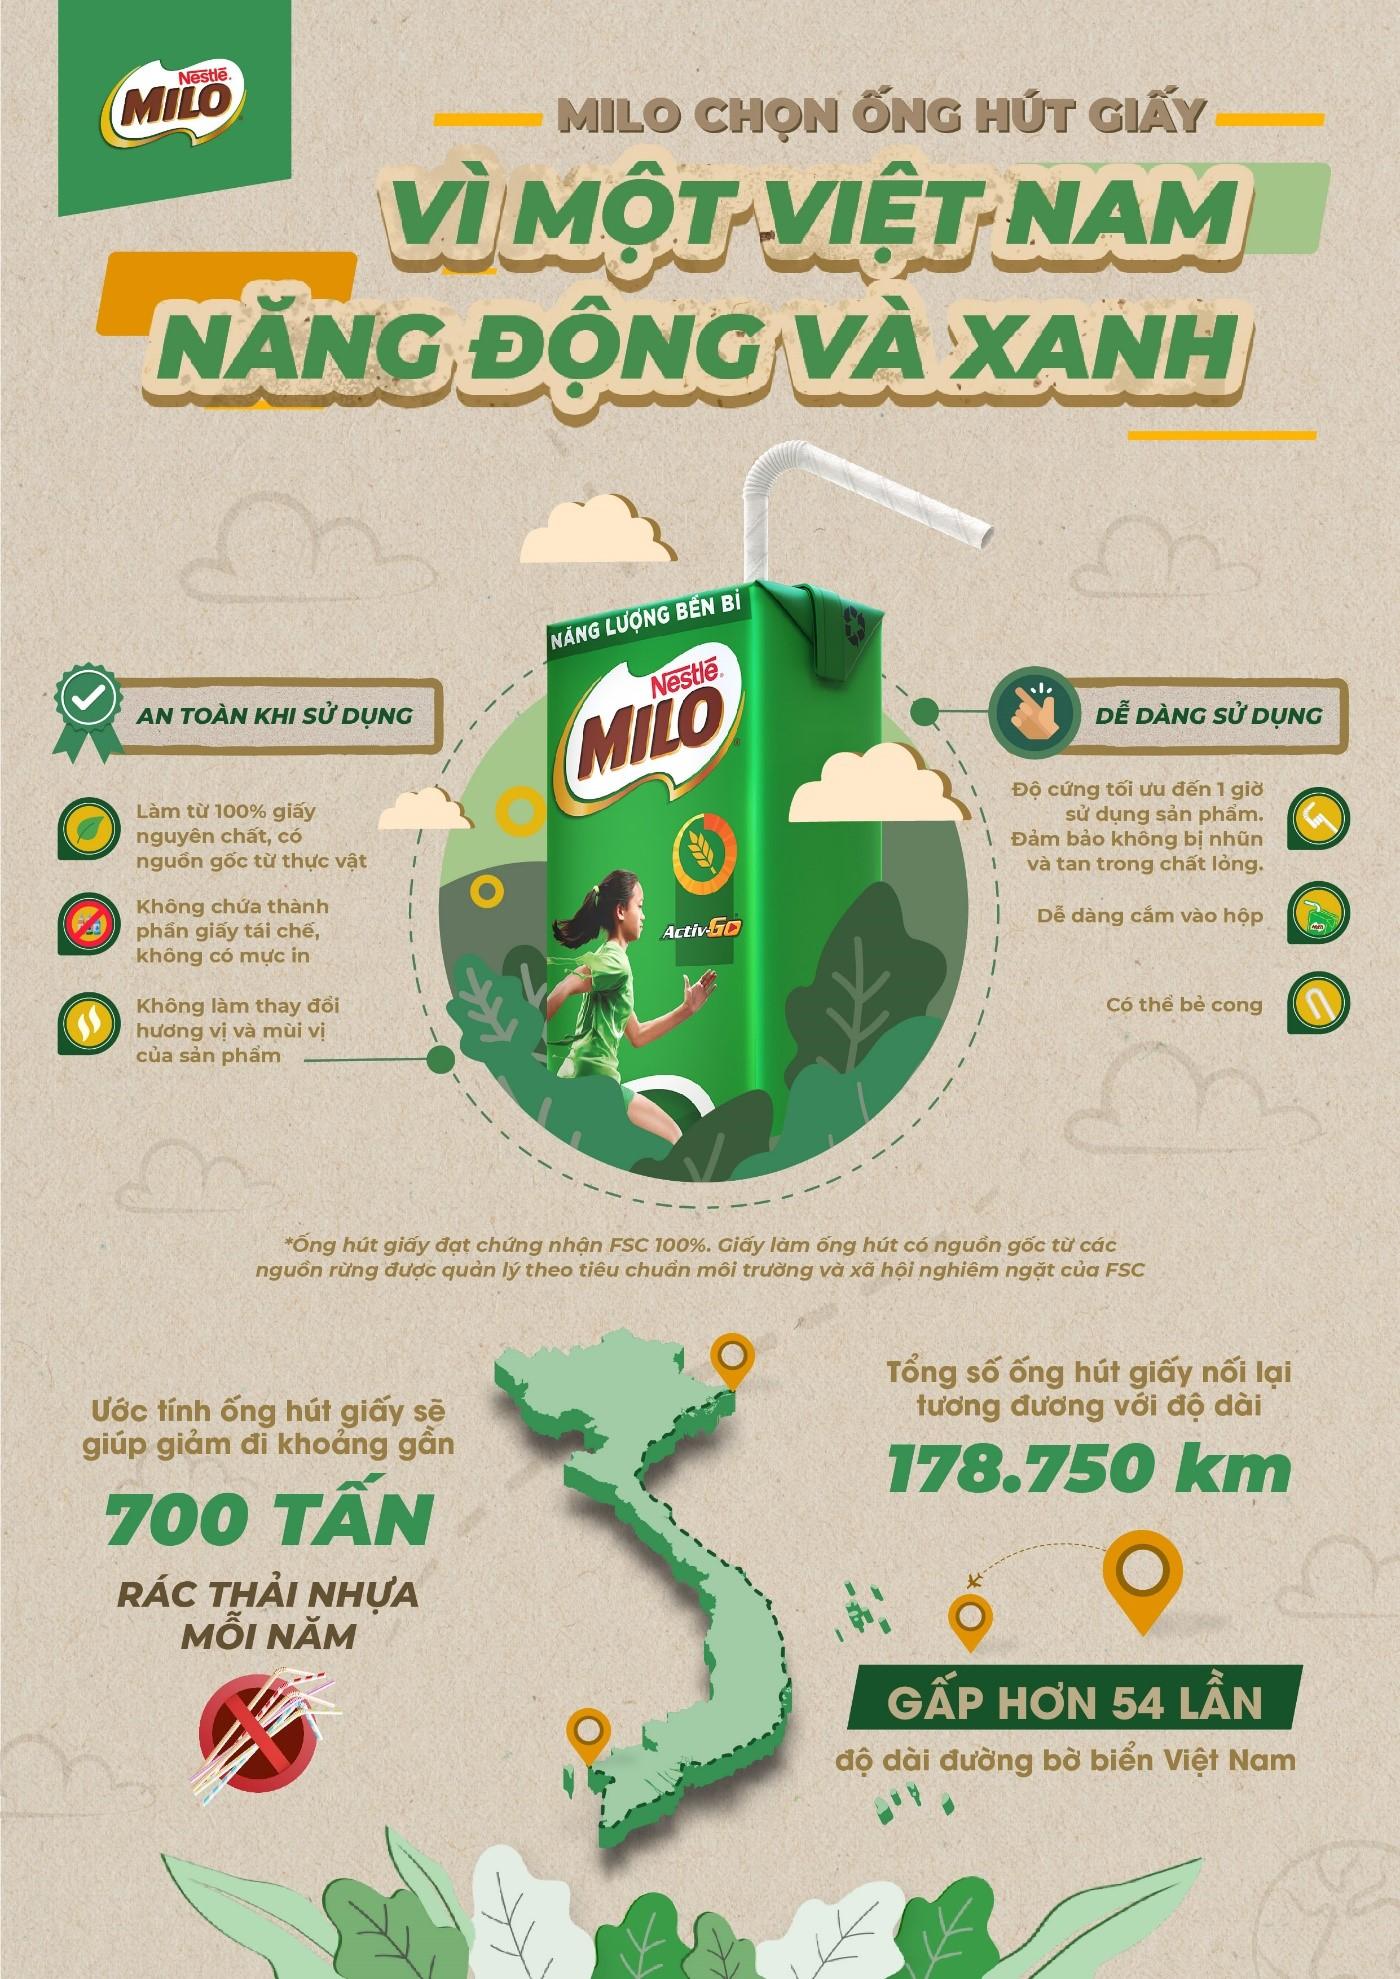 Nestlé MILO ước tính việc đưa vào sử dụng ống hút giấy giúp giảm đi gần 700 tấn rác thải nhựa mỗi năm. Infographic: Nestlé MILO